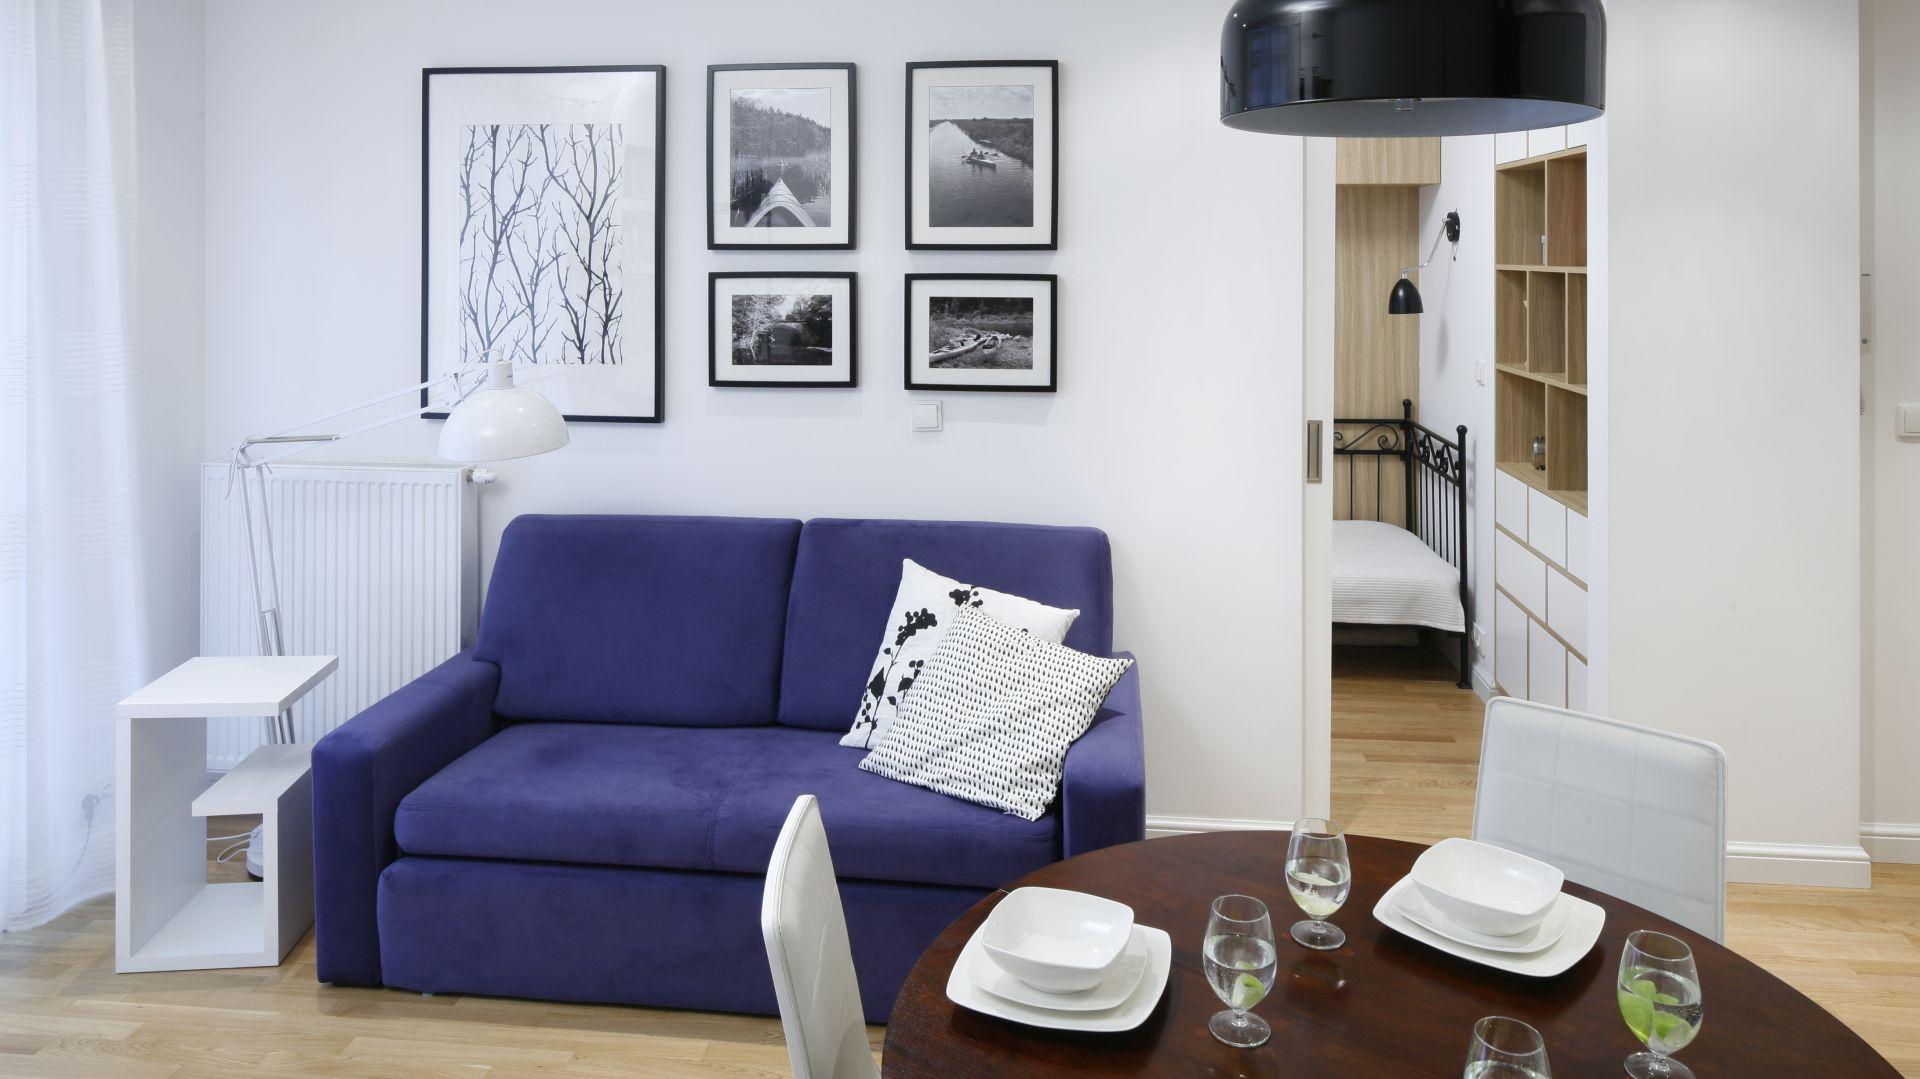 Mała kanapa w salonie. Projekt: Ewelina Para. Fot. Bartosz Jarosz